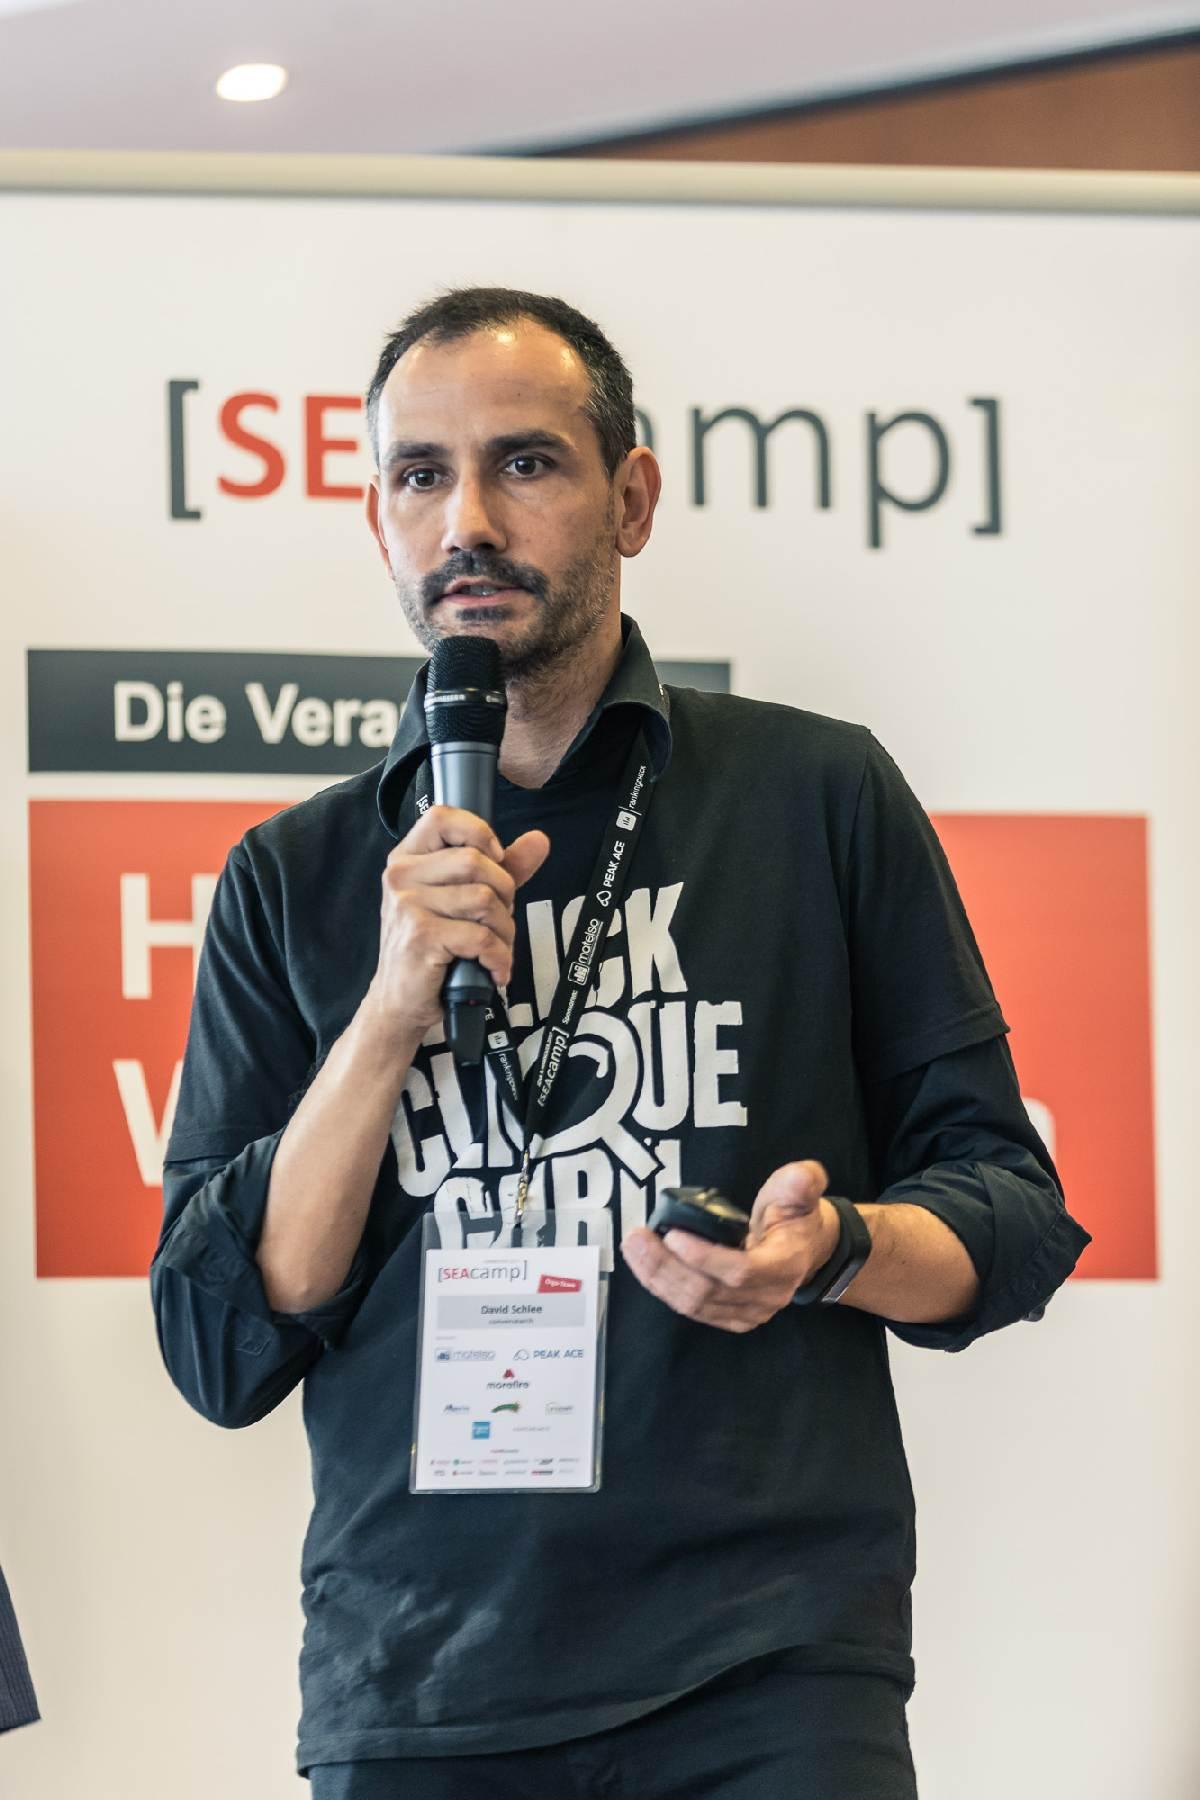 hannover_2017_SEAcamp-563